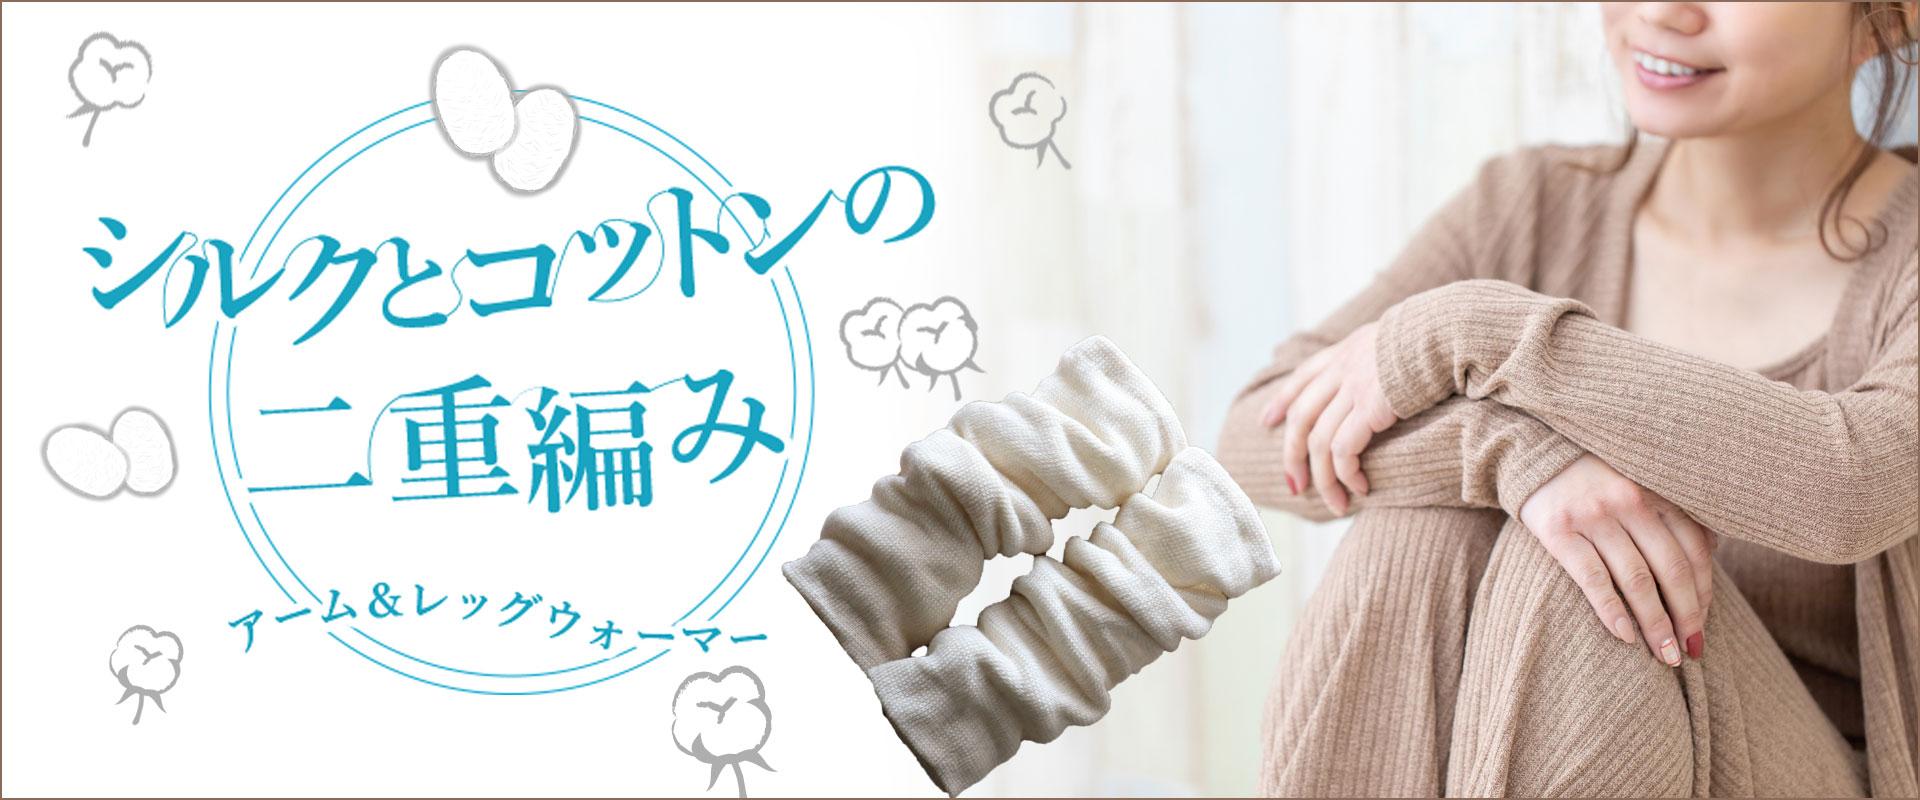 【リニューアル!】冷えとり温ちゃんの アーム&レッグウォーマー